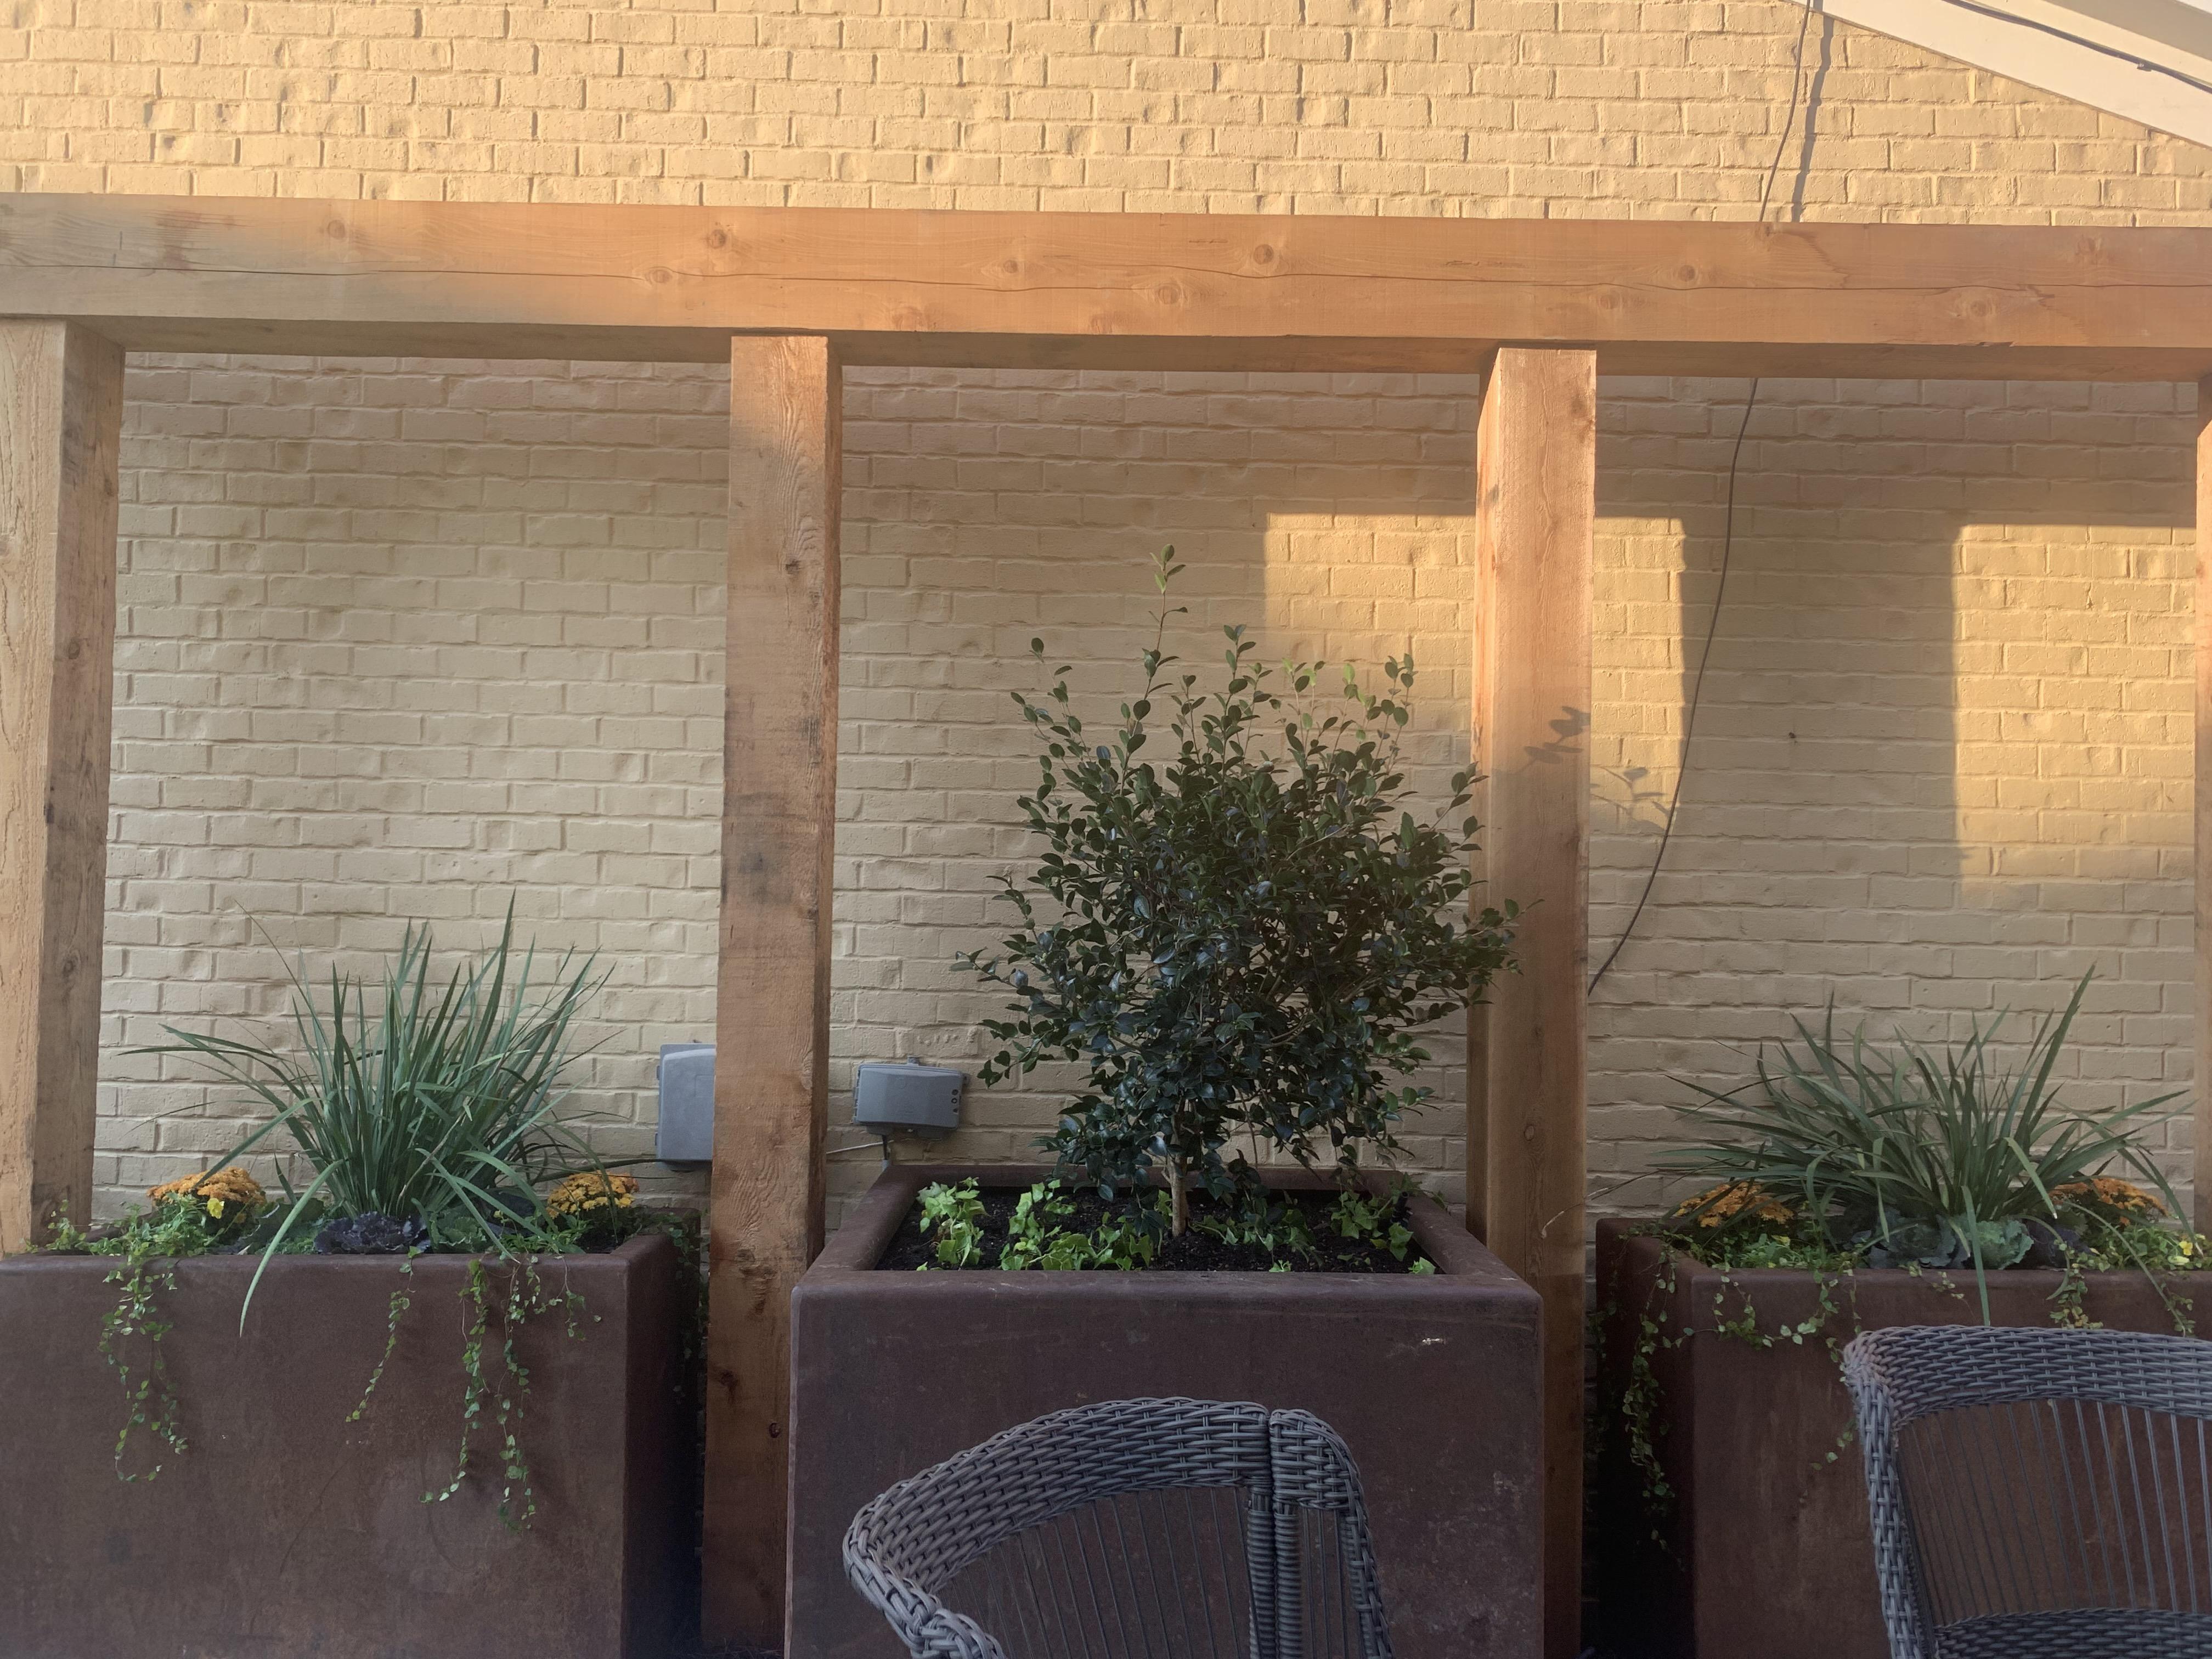 Metal Flowerbed planters